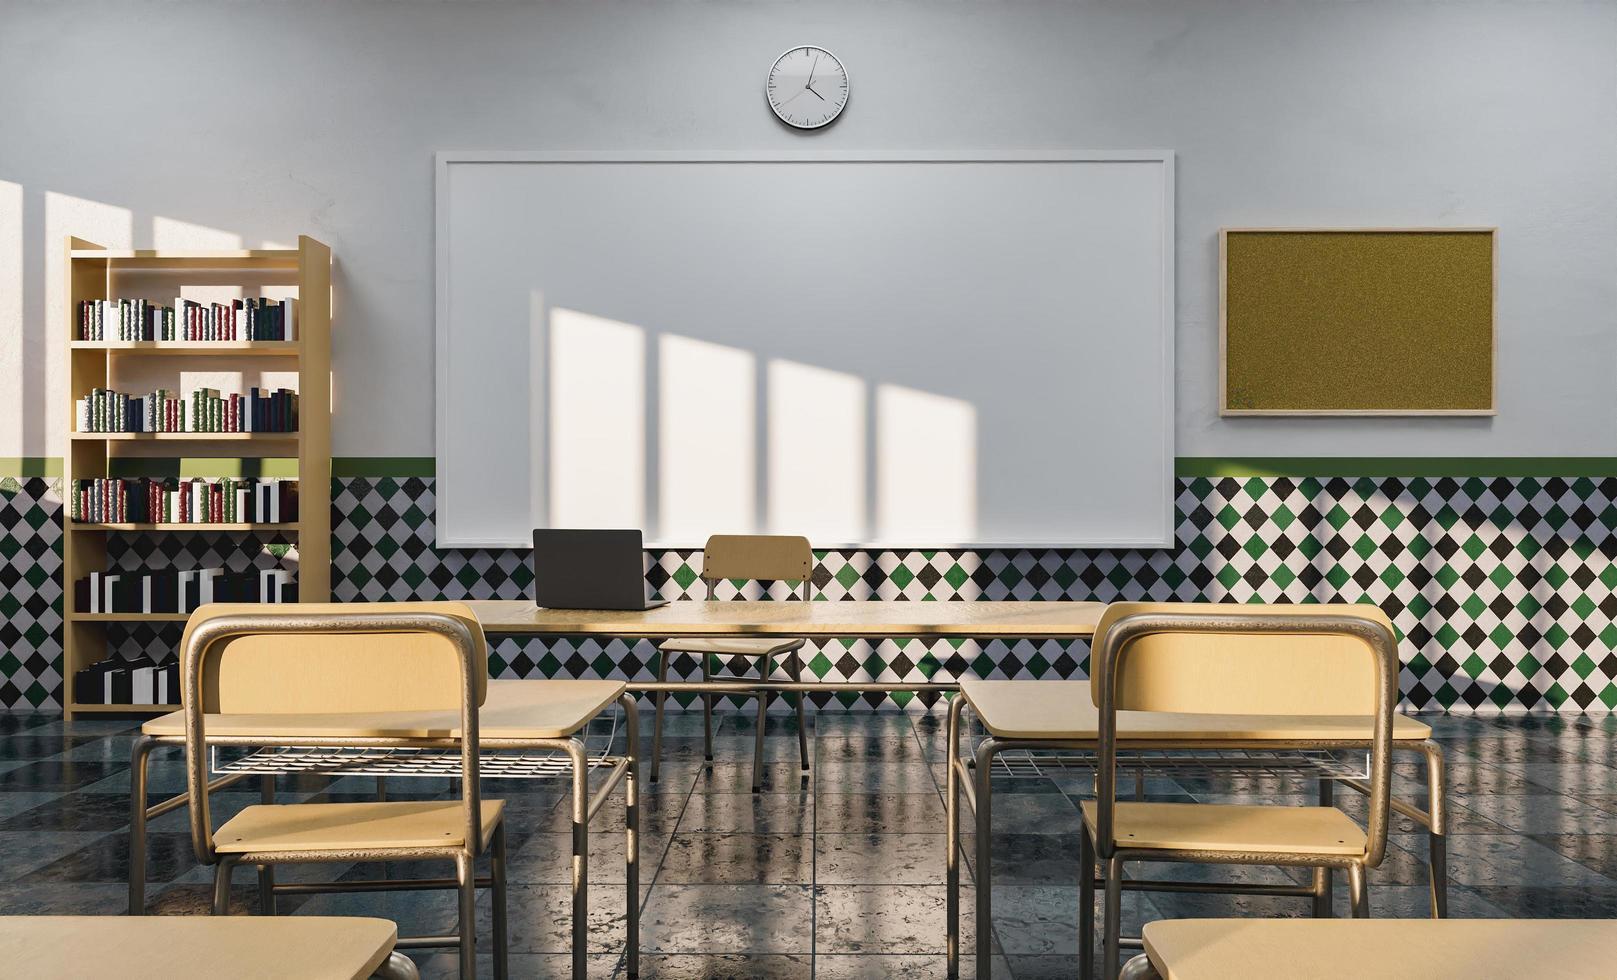 lavagna in un'aula di istruzione vista dai banchi foto